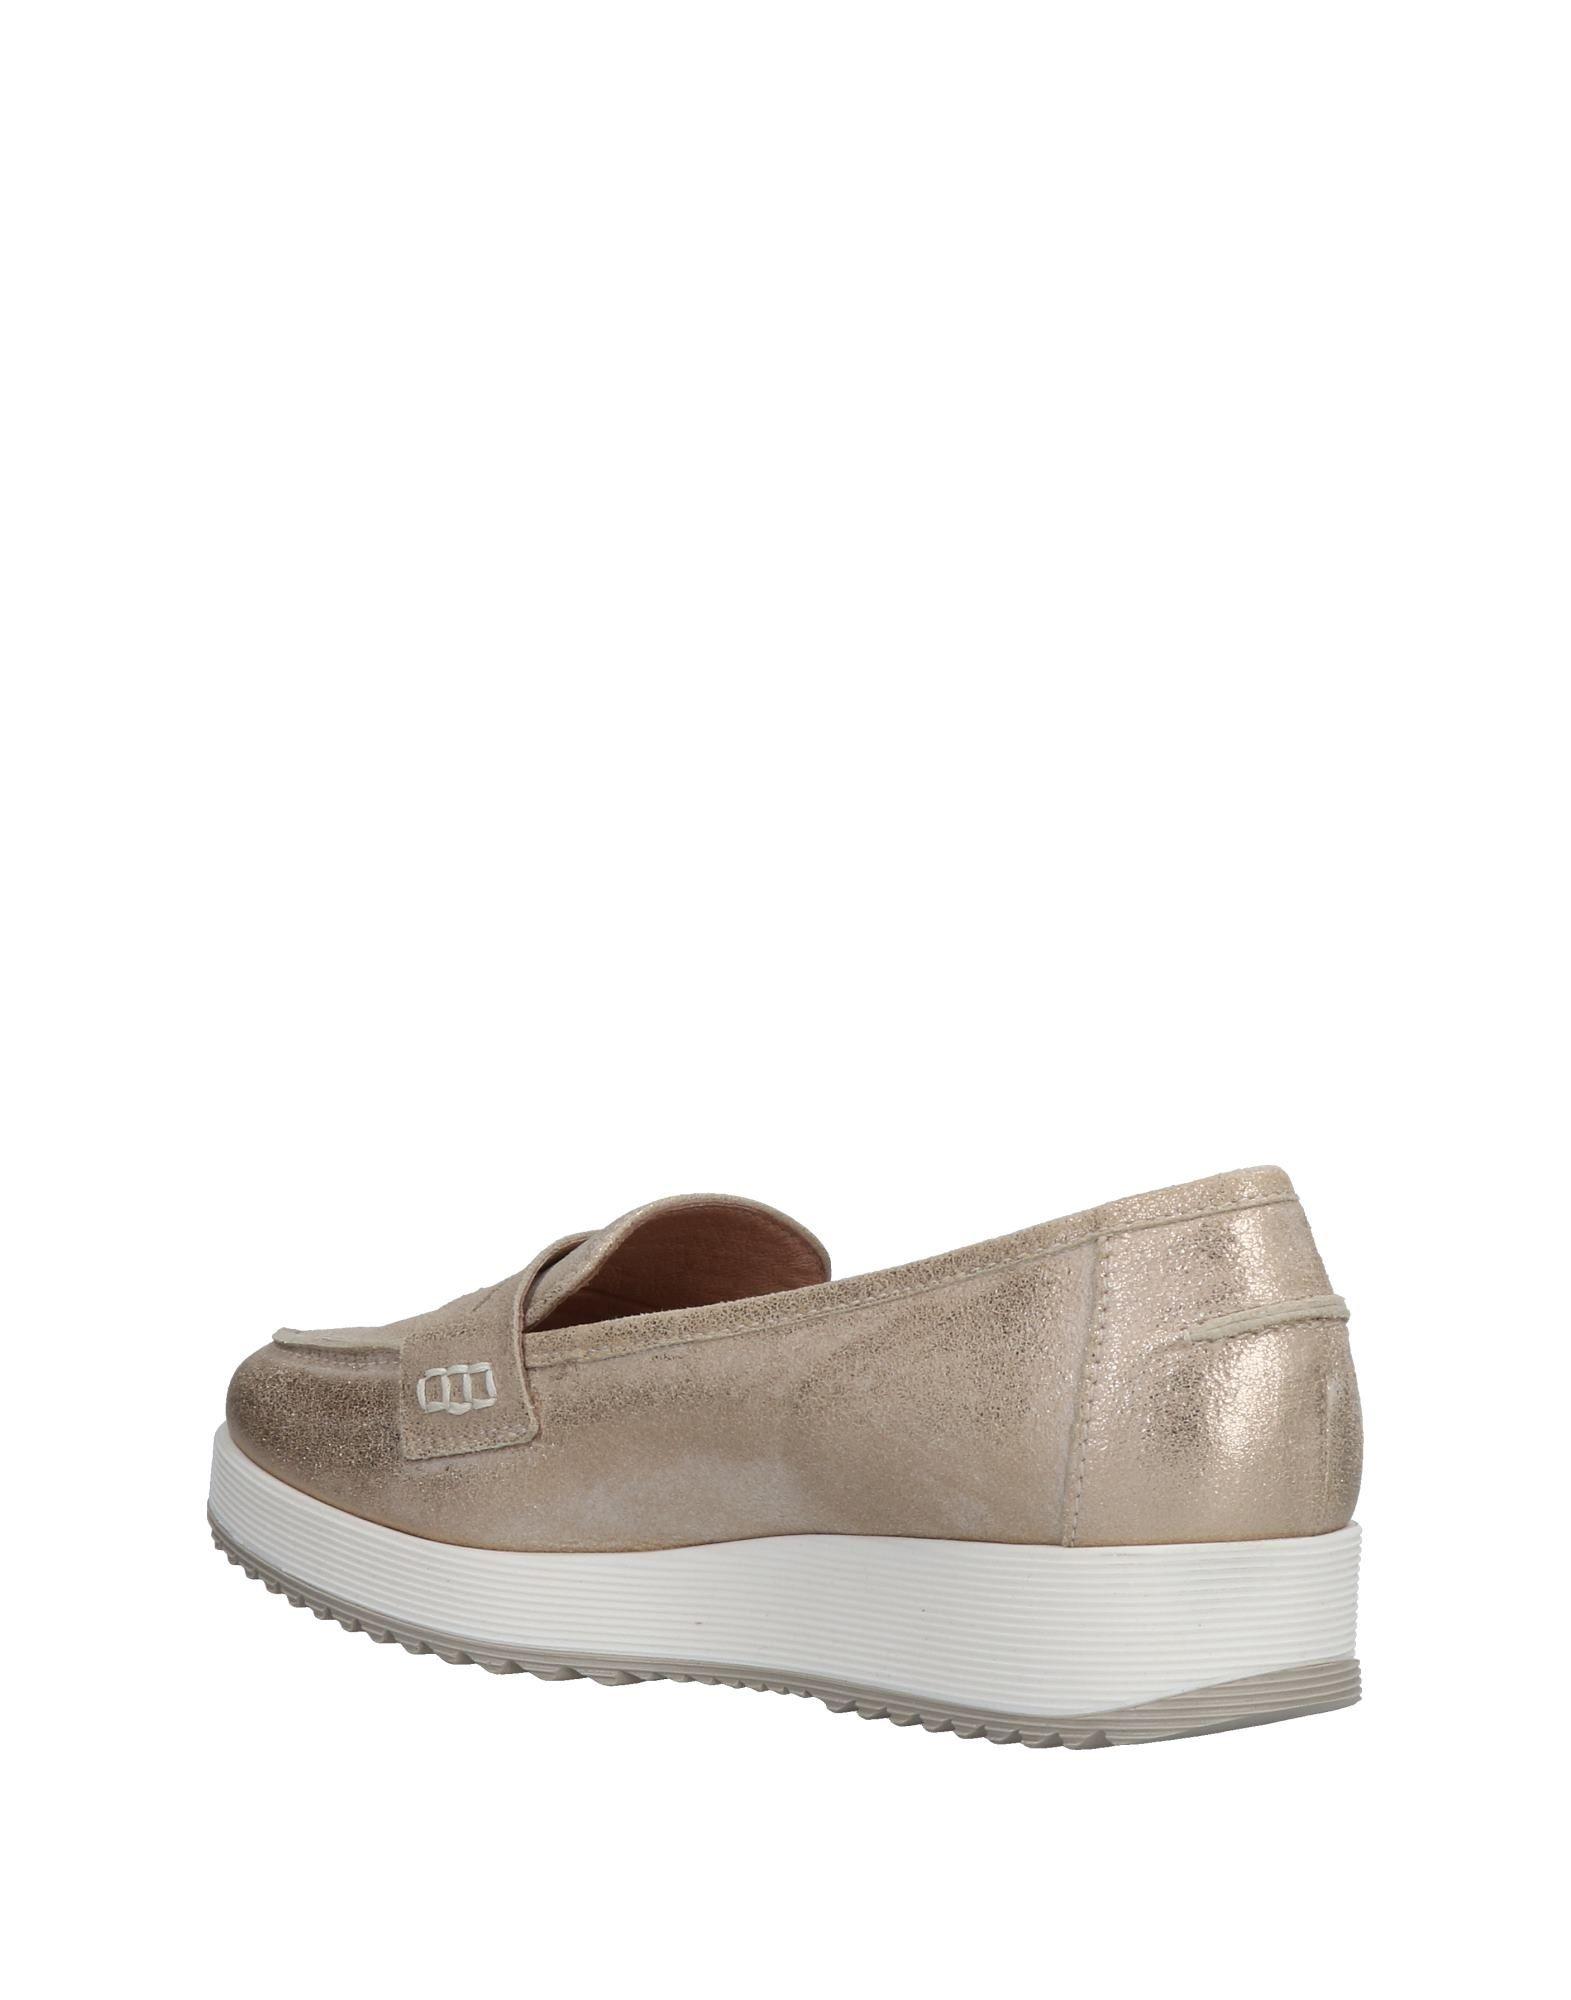 Donna Più Mokassins Damen  11464595GV Gute Qualität beliebte beliebte beliebte Schuhe 66e238